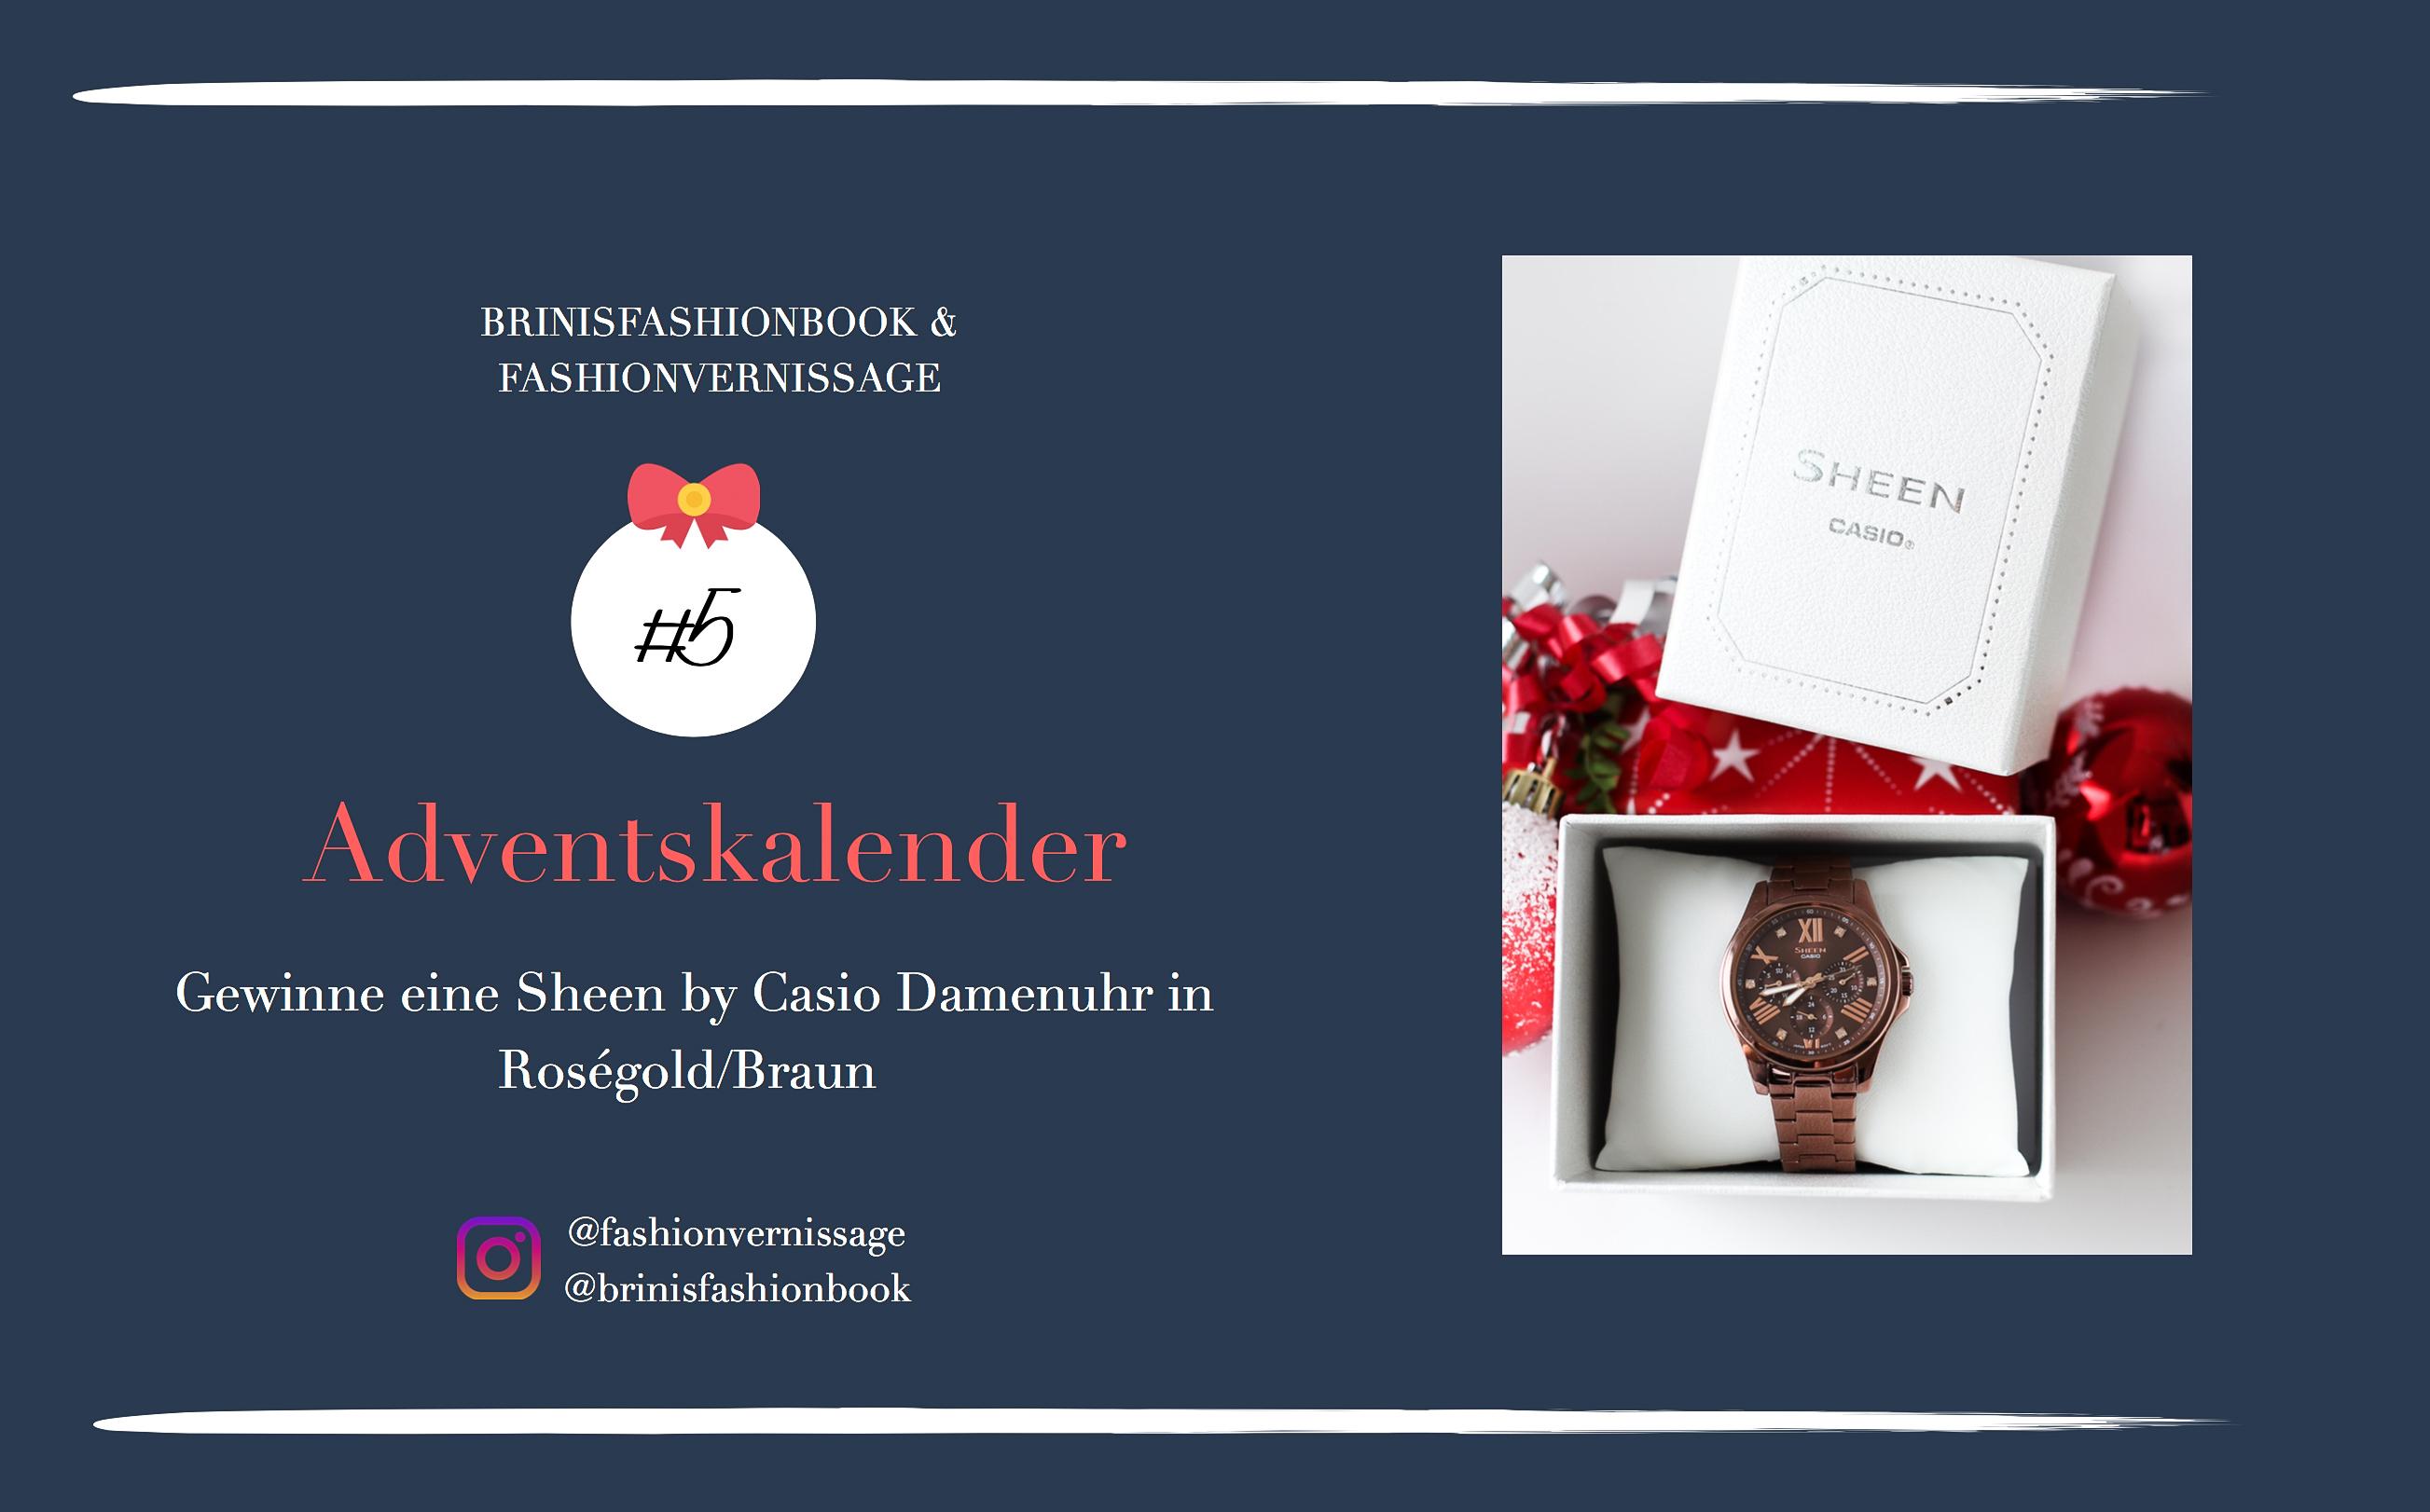 Adventskalender Blog Fashion Blog Deutschland Gewinne Sheen by Casio Damenuhr in Roségold Braun Gewinnspiel Geschenkidee Weihnachten 6